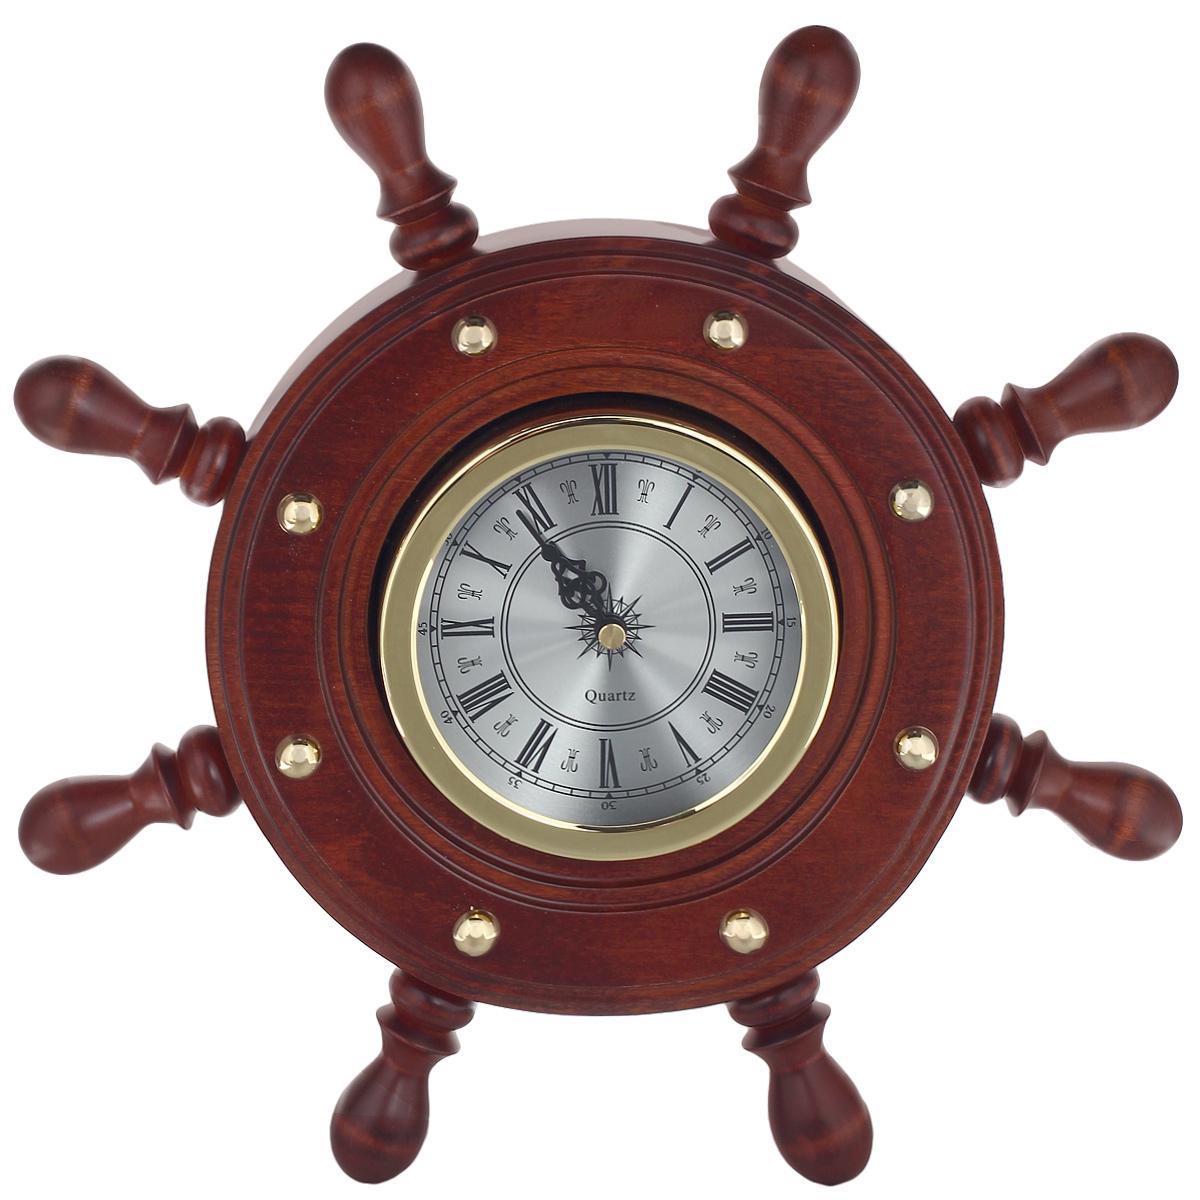 Часы настенные Штурвал. ШЧСТ-С8ШЧСТ-С8Стильные интерьерные часы выполнены в виде штурвала. Дизайн изделия основан на контрастном сочетании стекла, дерева и металла. Часы с кварцевым механизмом оснащены двумя стрелками - часовой и минутной. Циферблат оформлен римскими цифрами и защищен стеклом. На задней стенке часов предусмотрено крепление для подвешивания. Часы послужат отличным подарком и предметом коллекционирования. Характеристики: Диаметр циферблата: 10 см. Размер корпуса: 33 см х 33 см х 3,5 см.